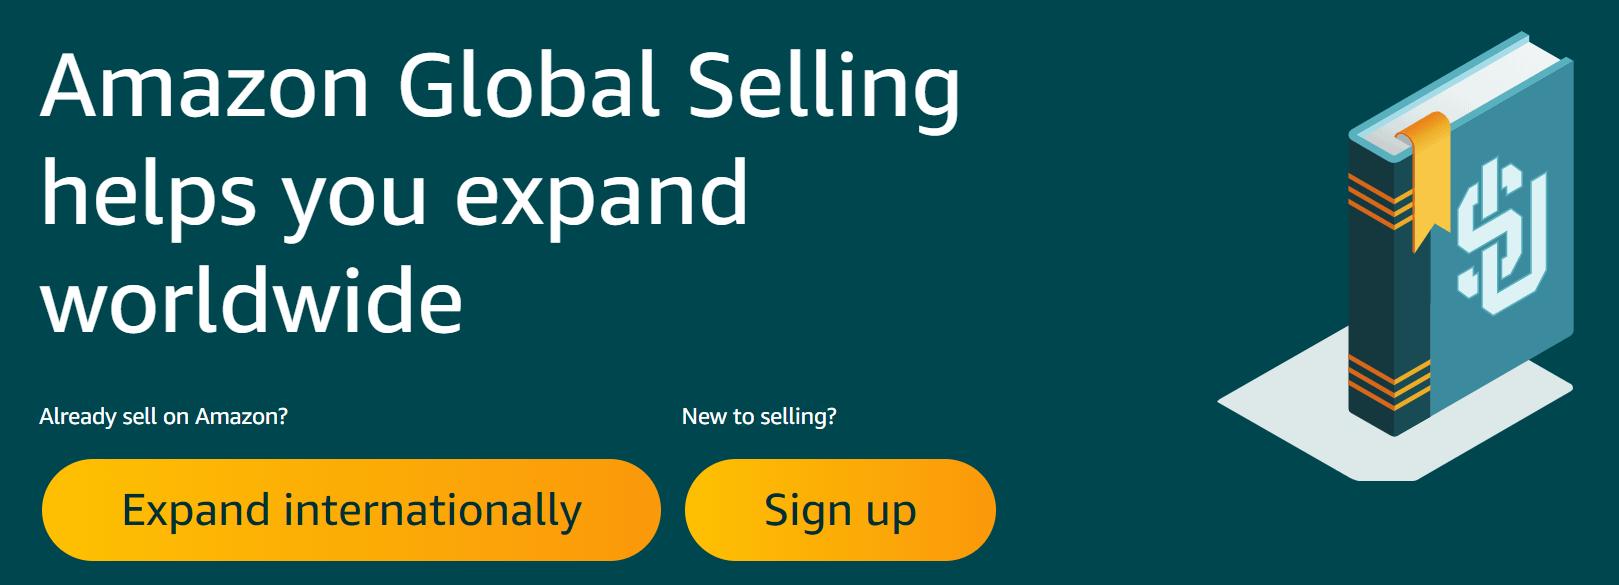 amazon-global-selling